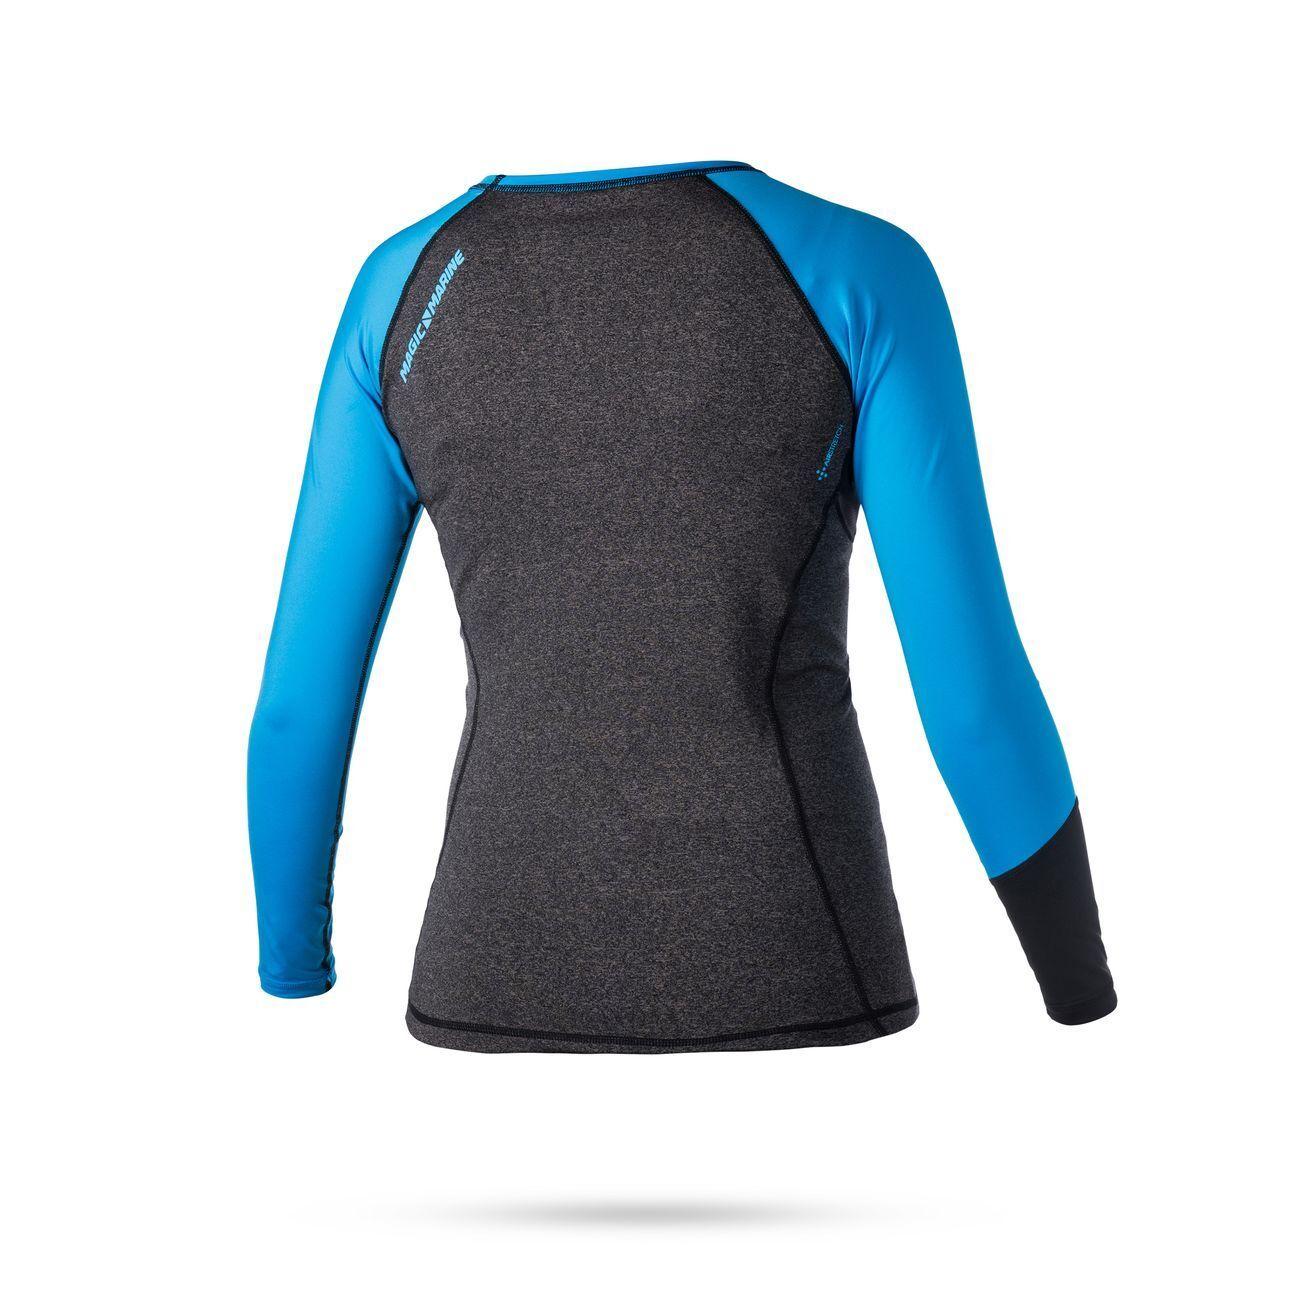 Magic Marine Marine Marine Damen Funktionsshirt Energy Rashvest Sportshirt Wassersport Outdoor  | Online Shop  b42093